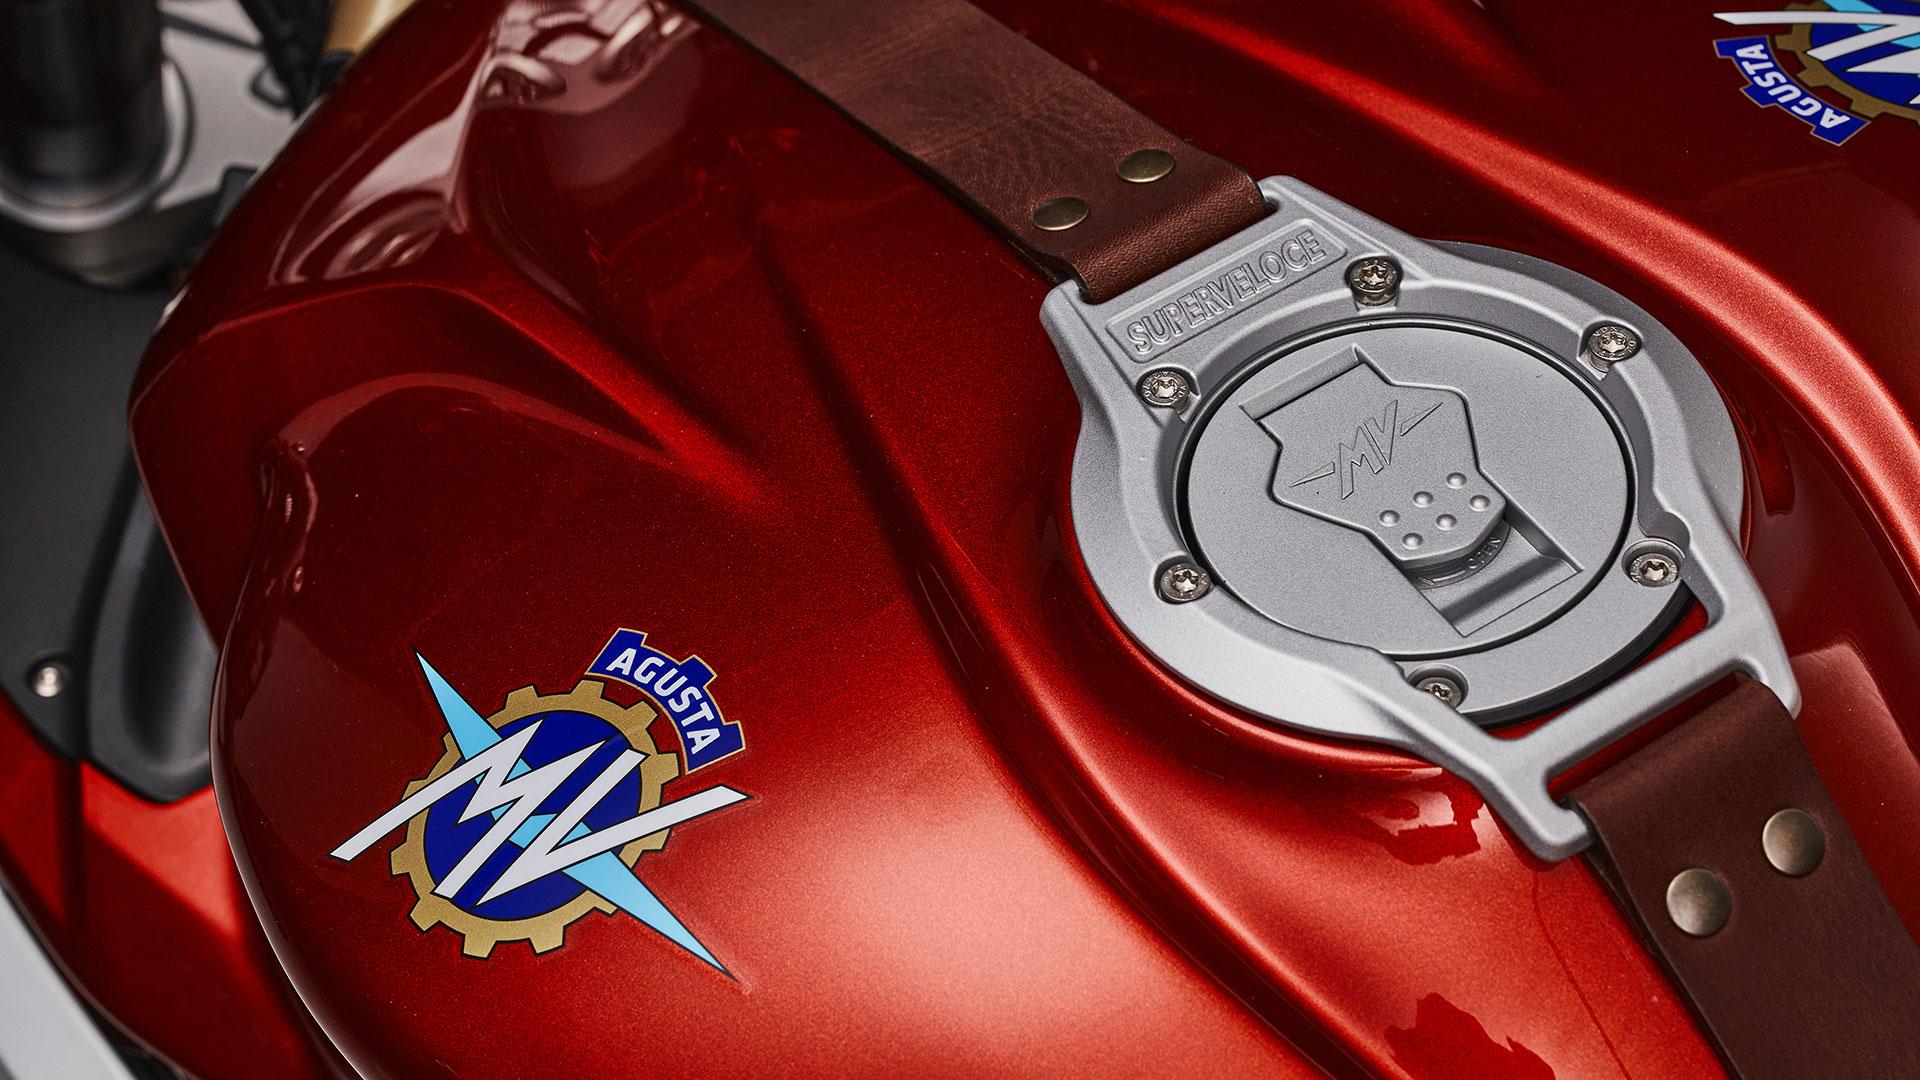 mv-agusta-superveloce-75esimo-anniversario